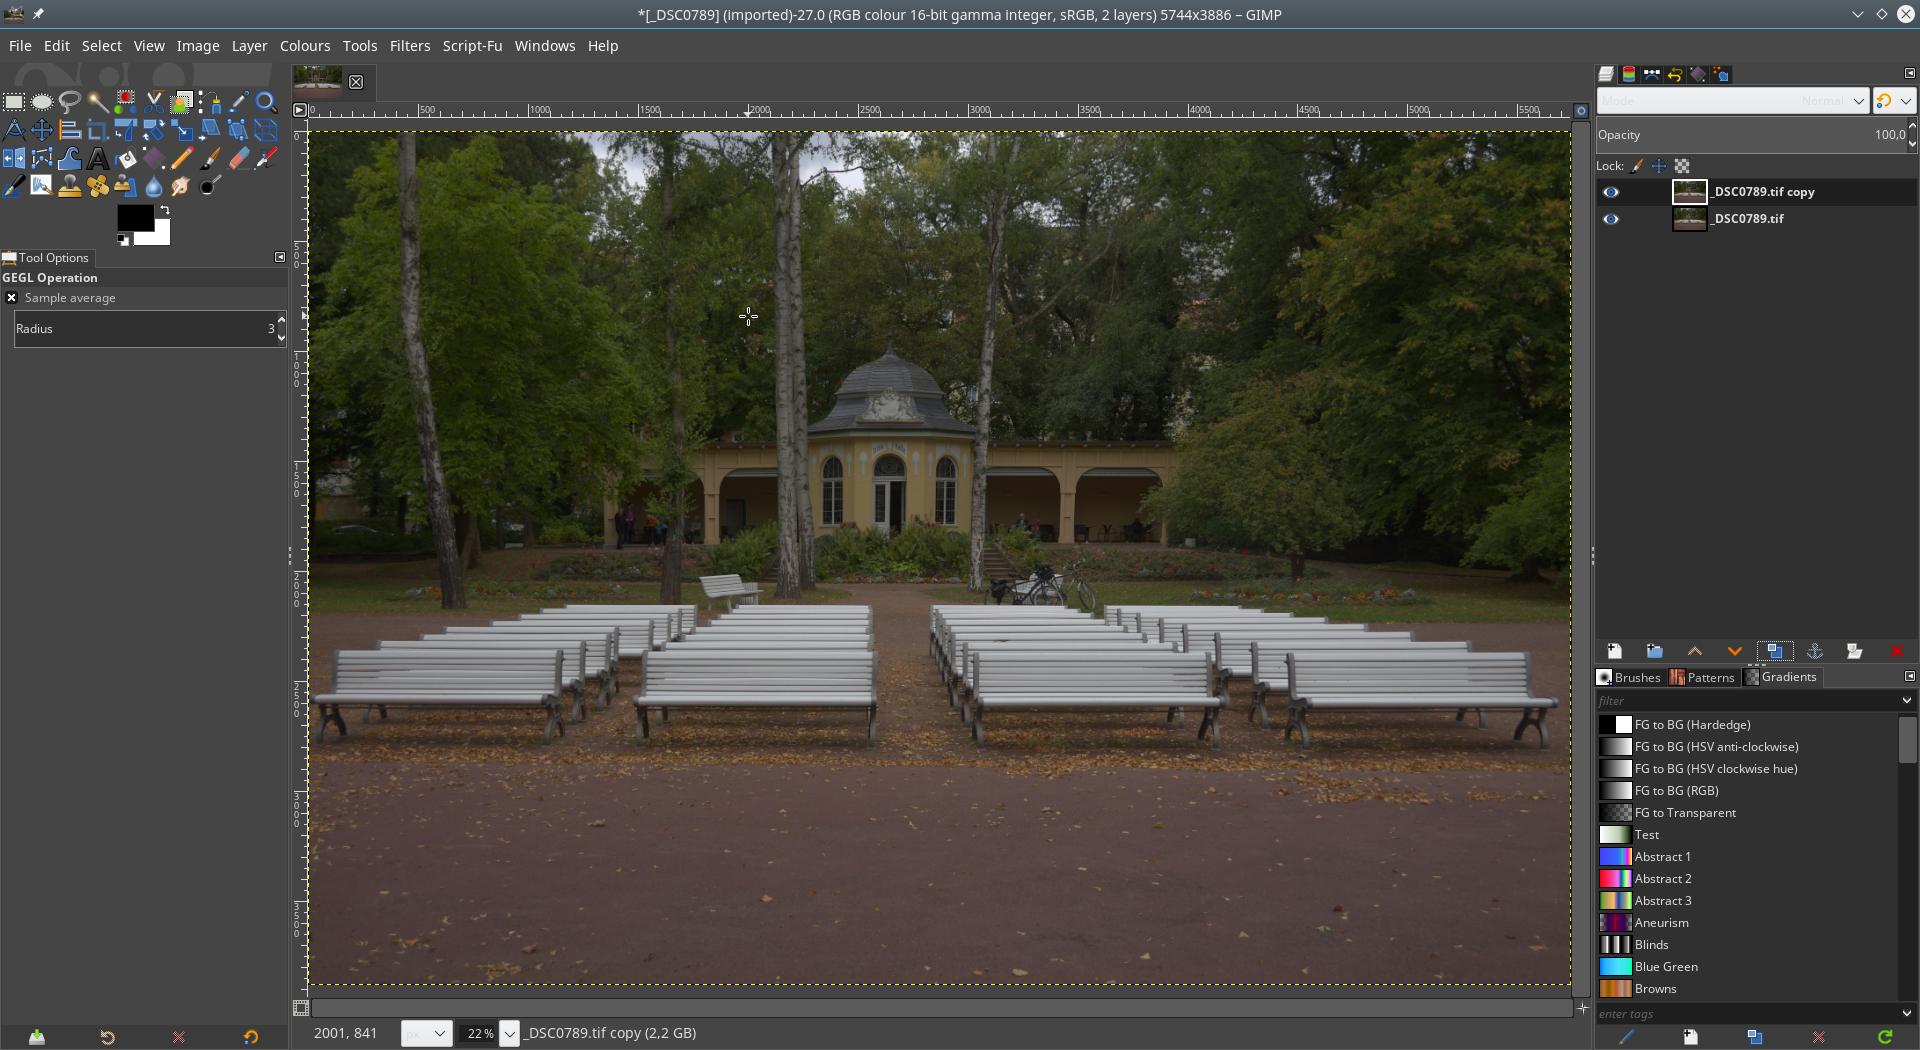 GIMP 2 10 x tips and tricks - GIMP - discuss pixls us